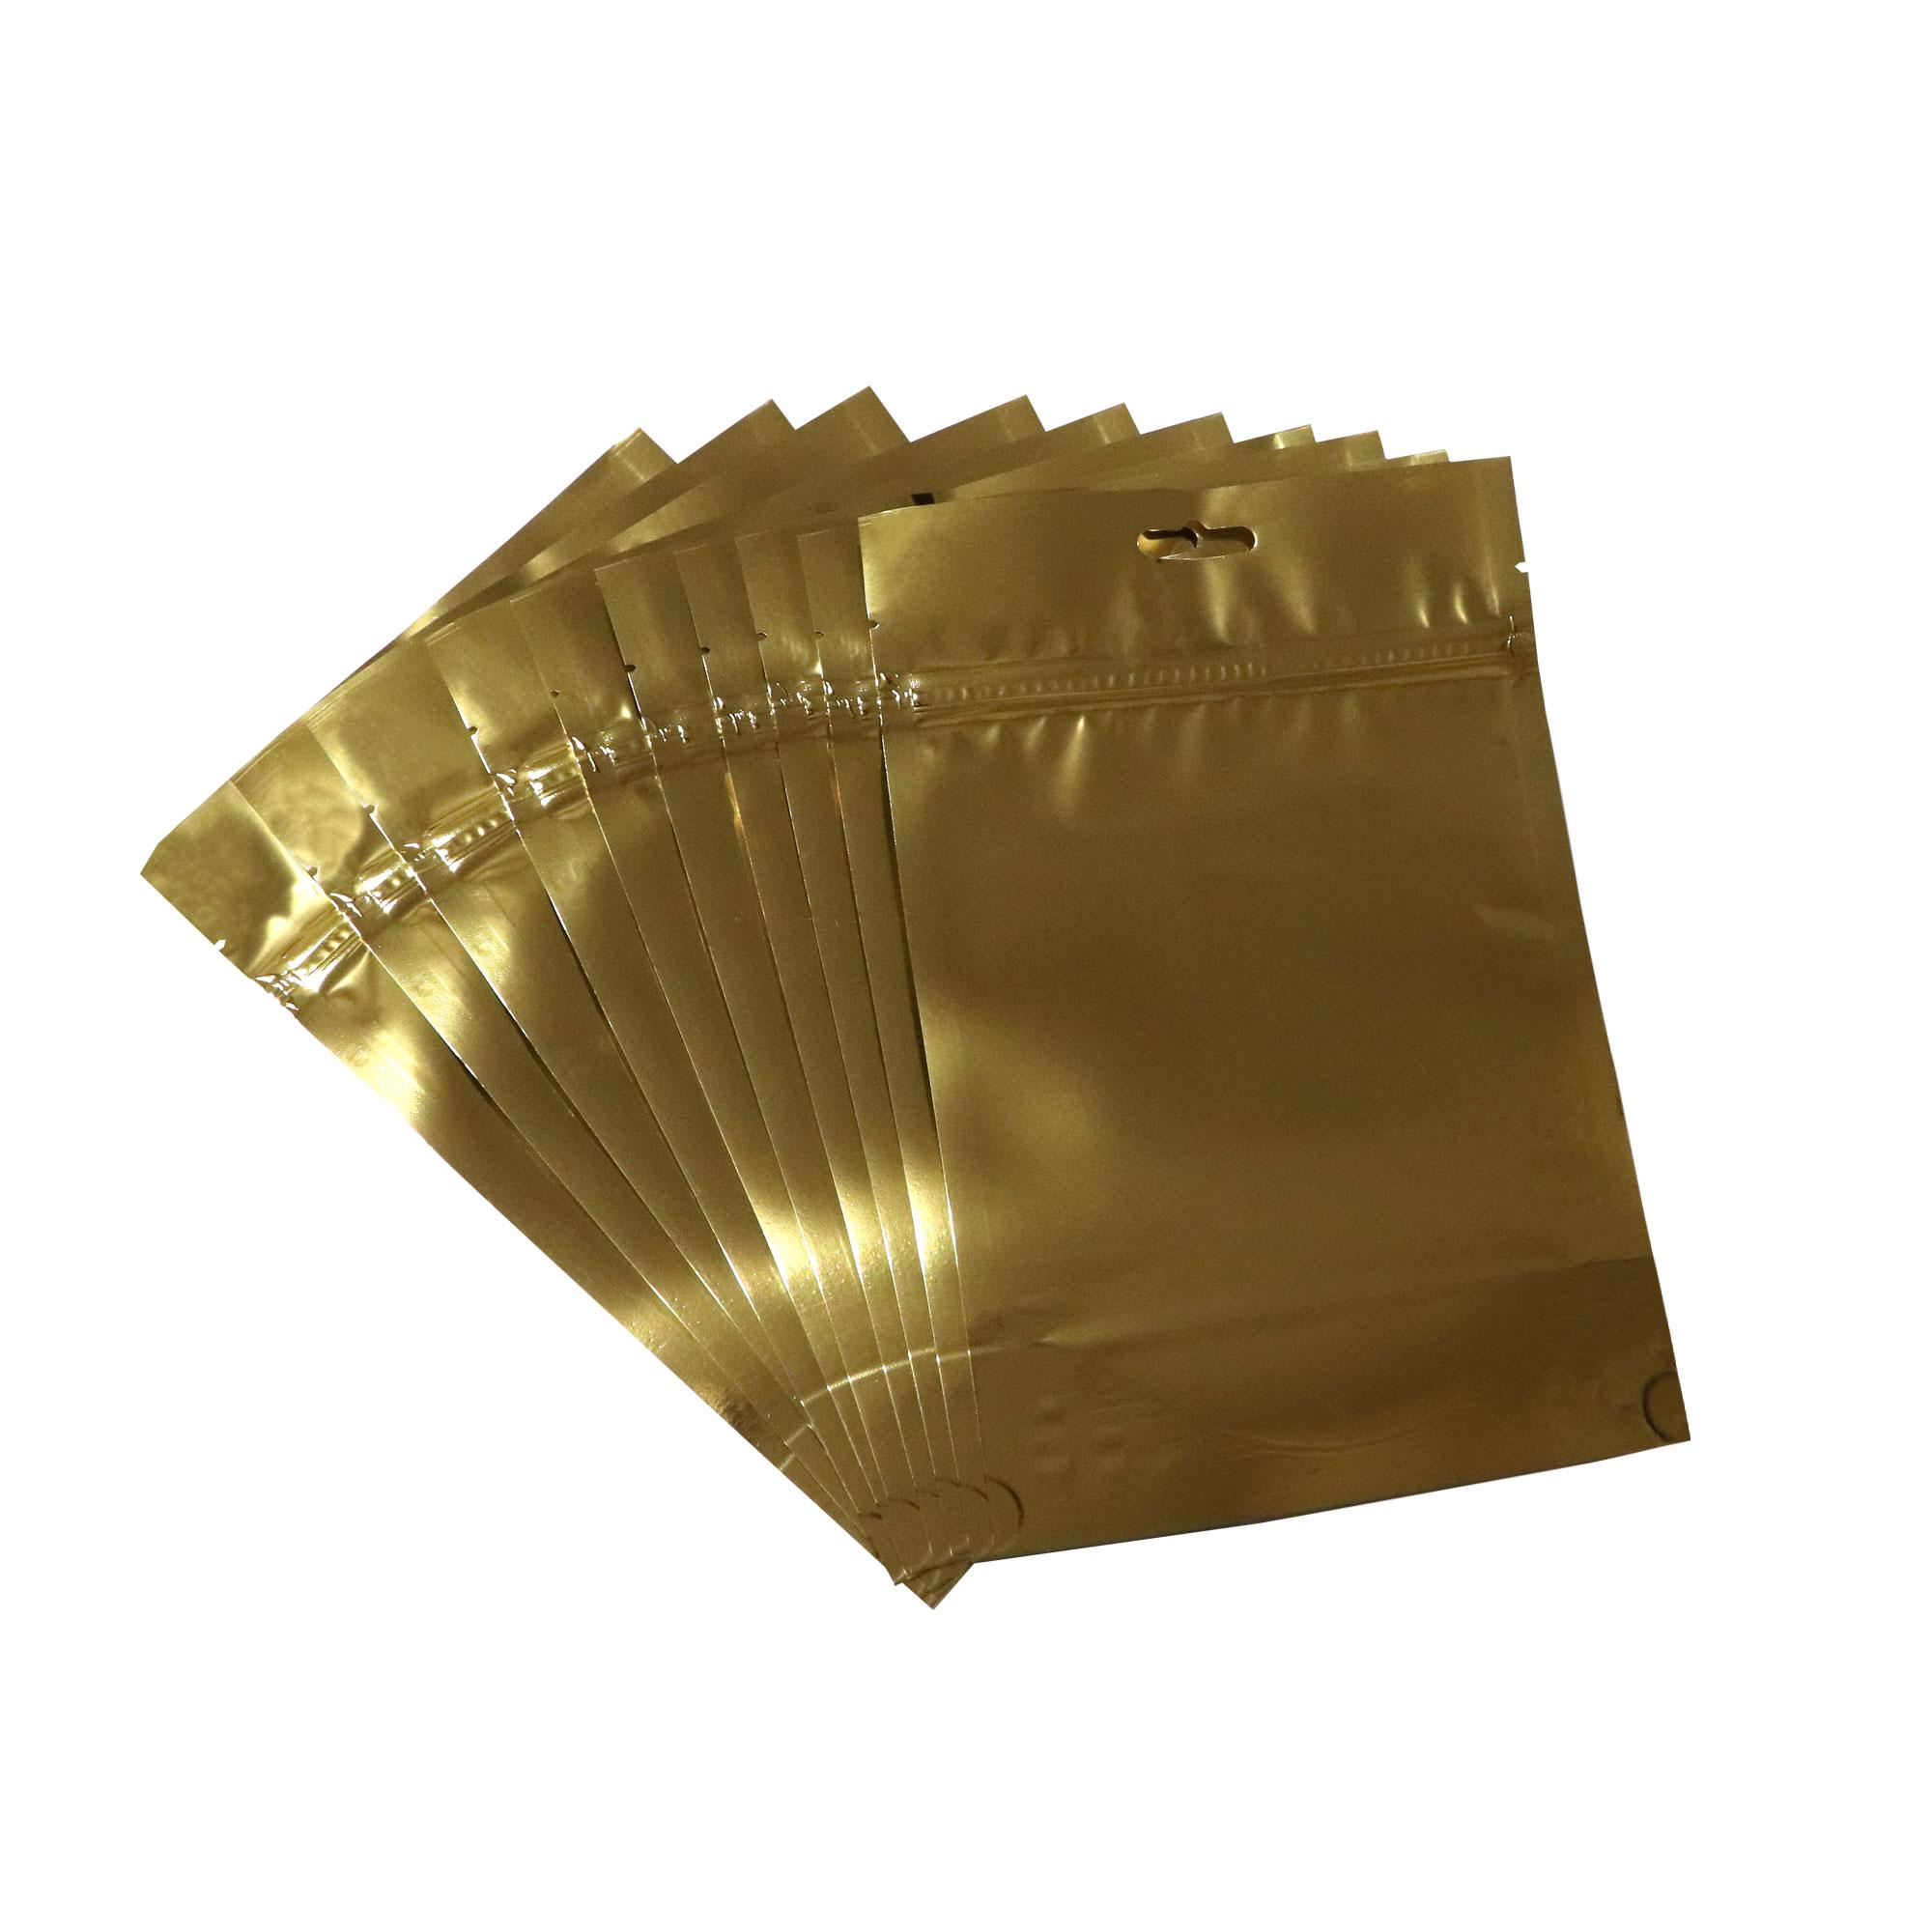 پاکت زیپ دار پکزی مدل    PSTMOG0160240122OG   بسته 10 عددی